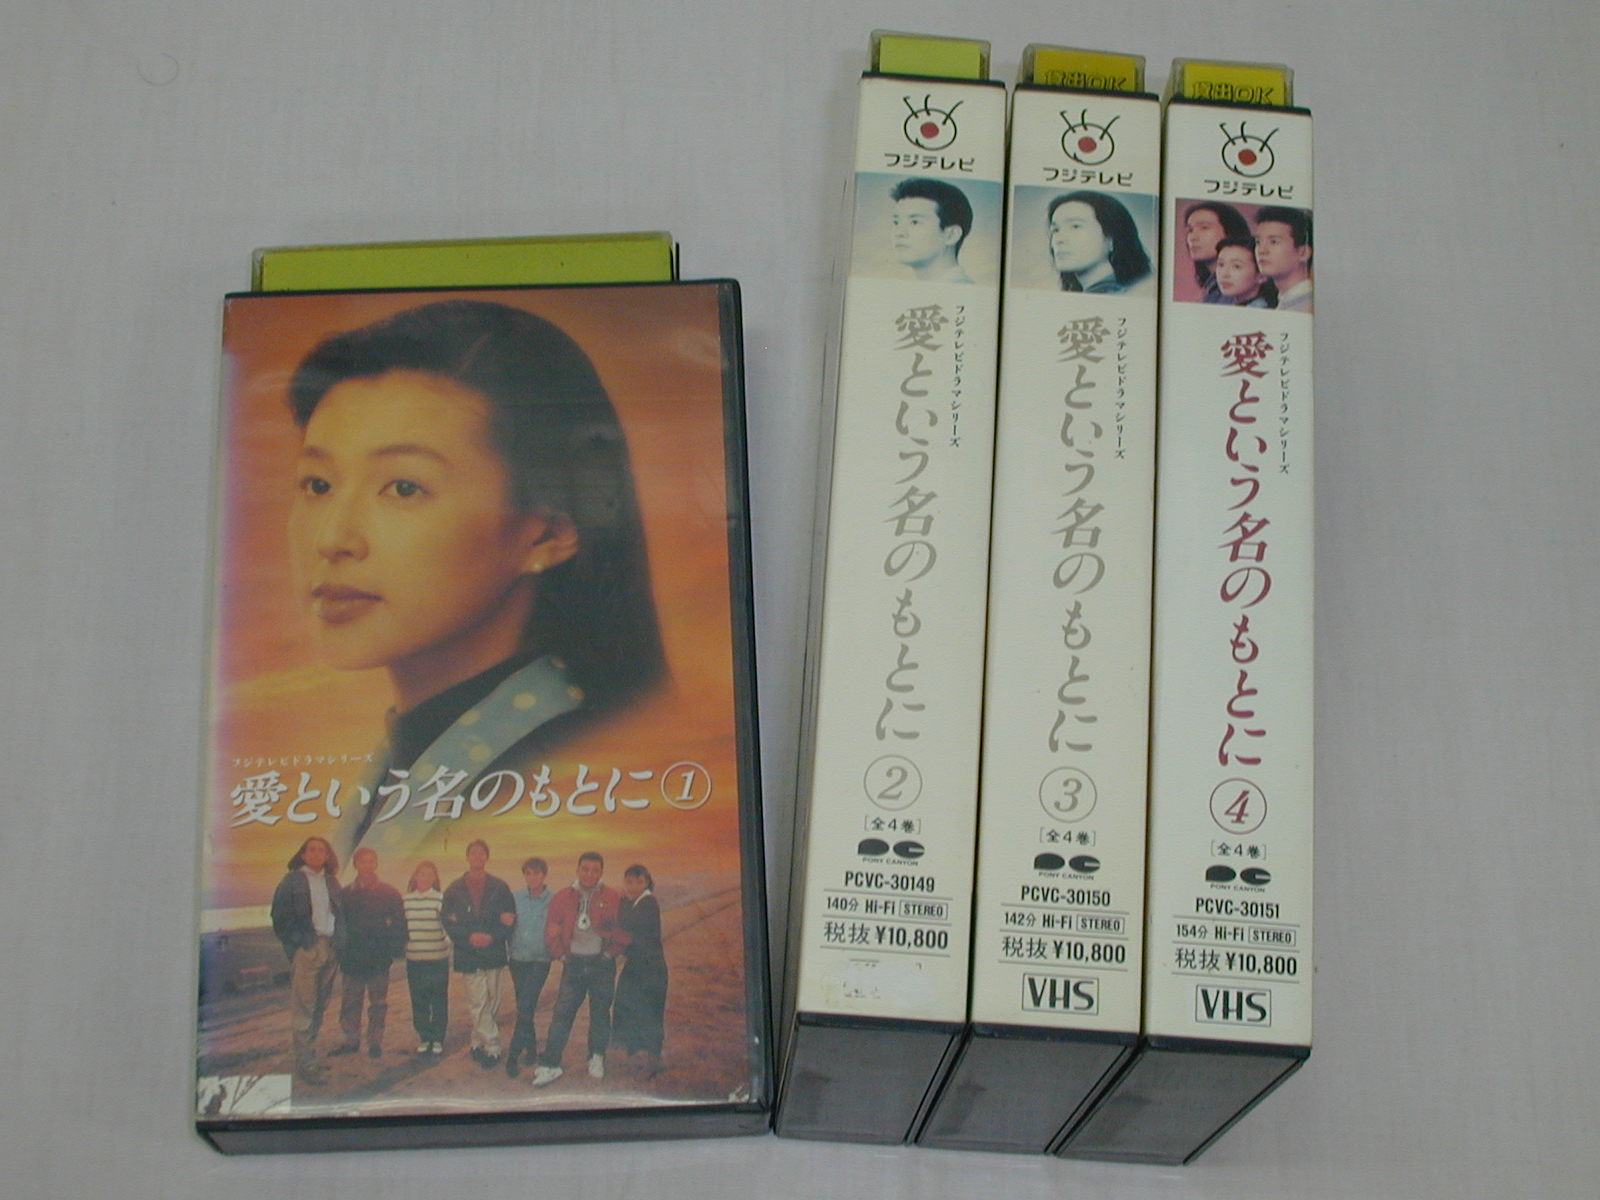 (ビデオ)フジテレビドラマシリーズ 愛という名のもとに 全4巻セット